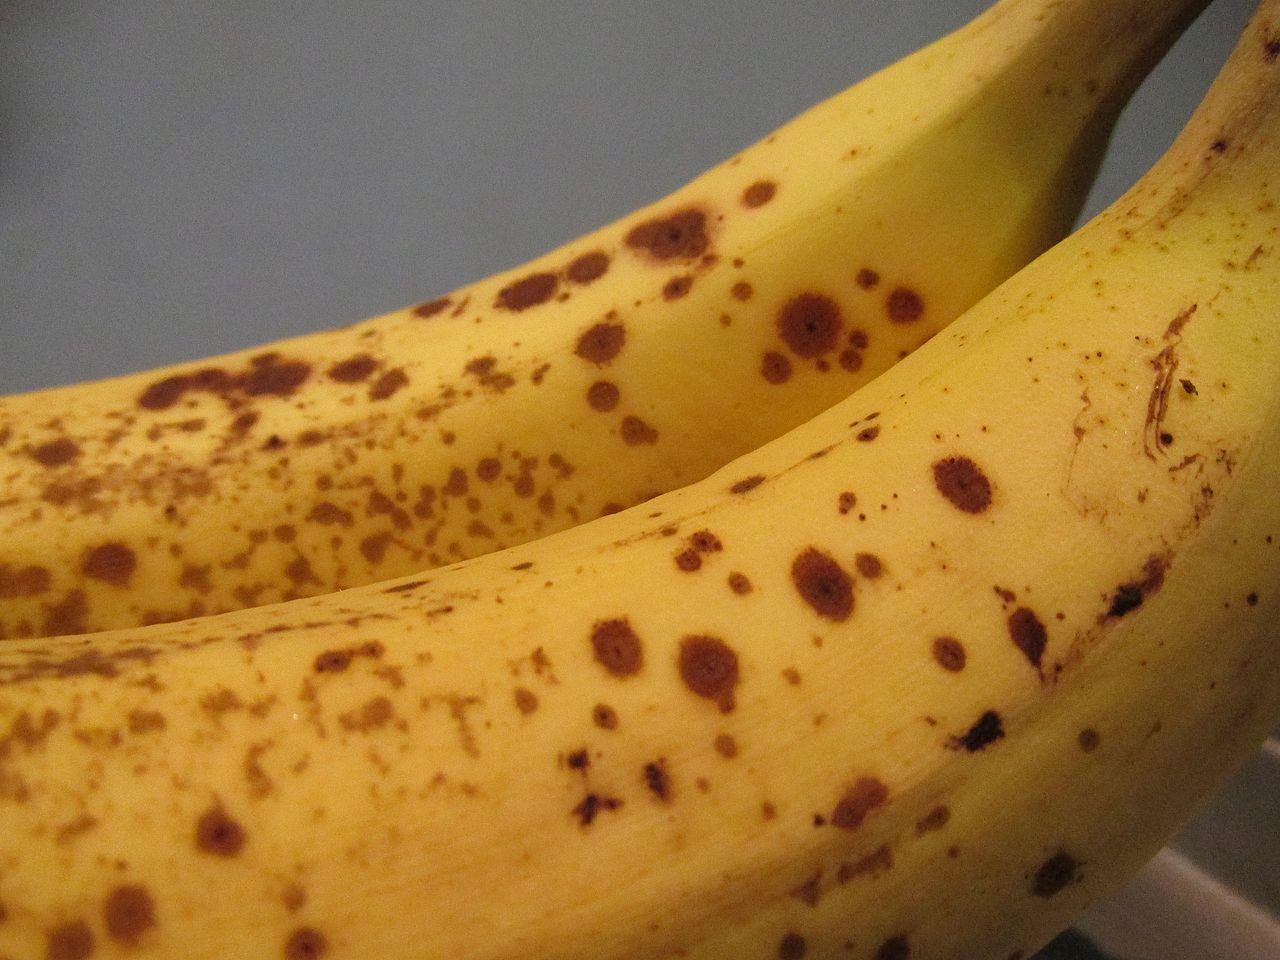 Banana_0757